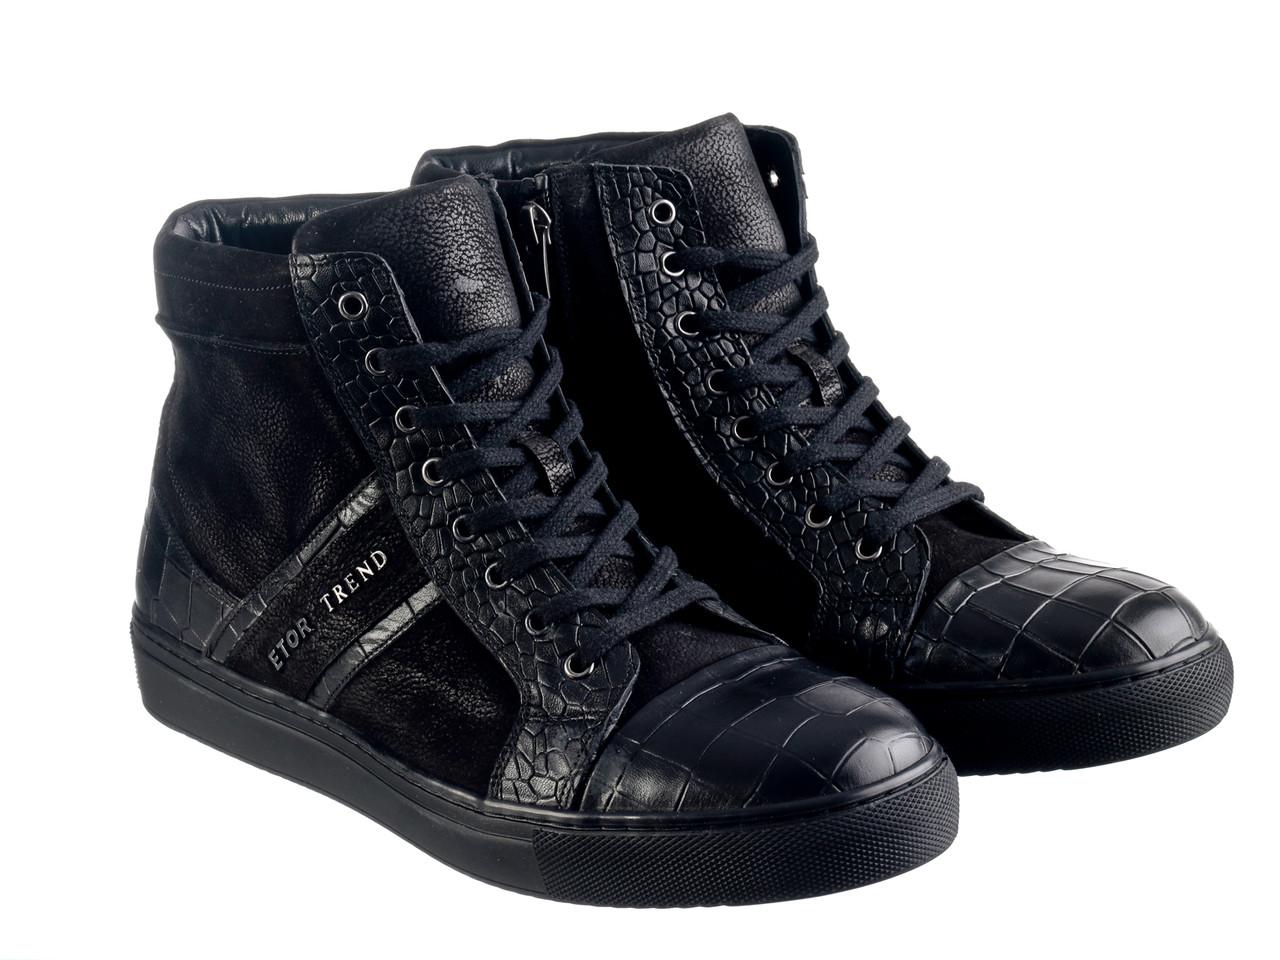 Ботинки Etor 8994-7162 черные, фото 1